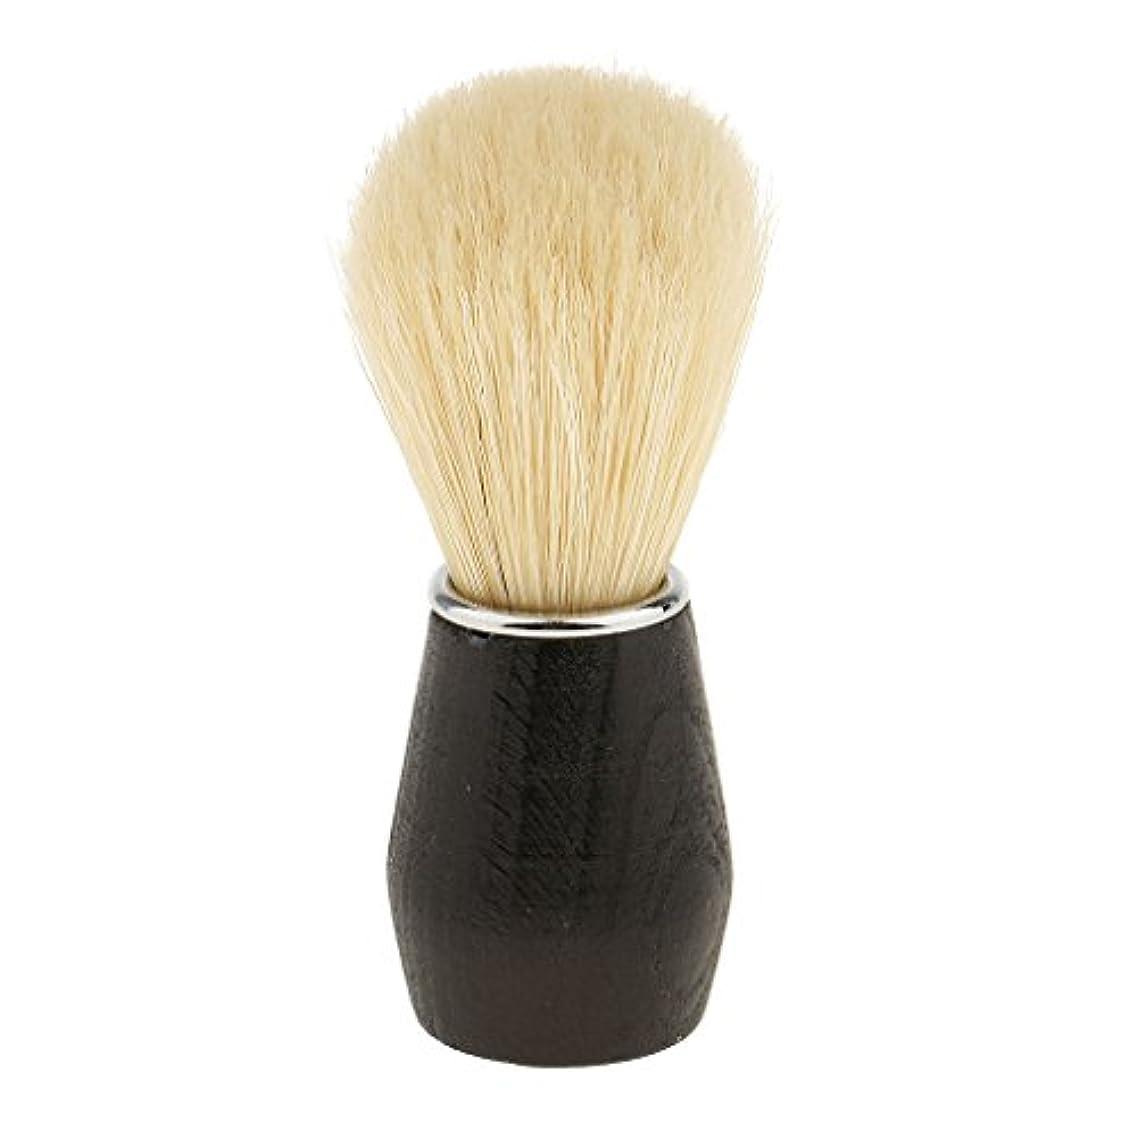 収容するうれしいアーサーHellery ひげ剃りブラシ シェービングブラシ 毛髭ブラシ フェイシャルクリーニングブラシ プラスチックハンドル